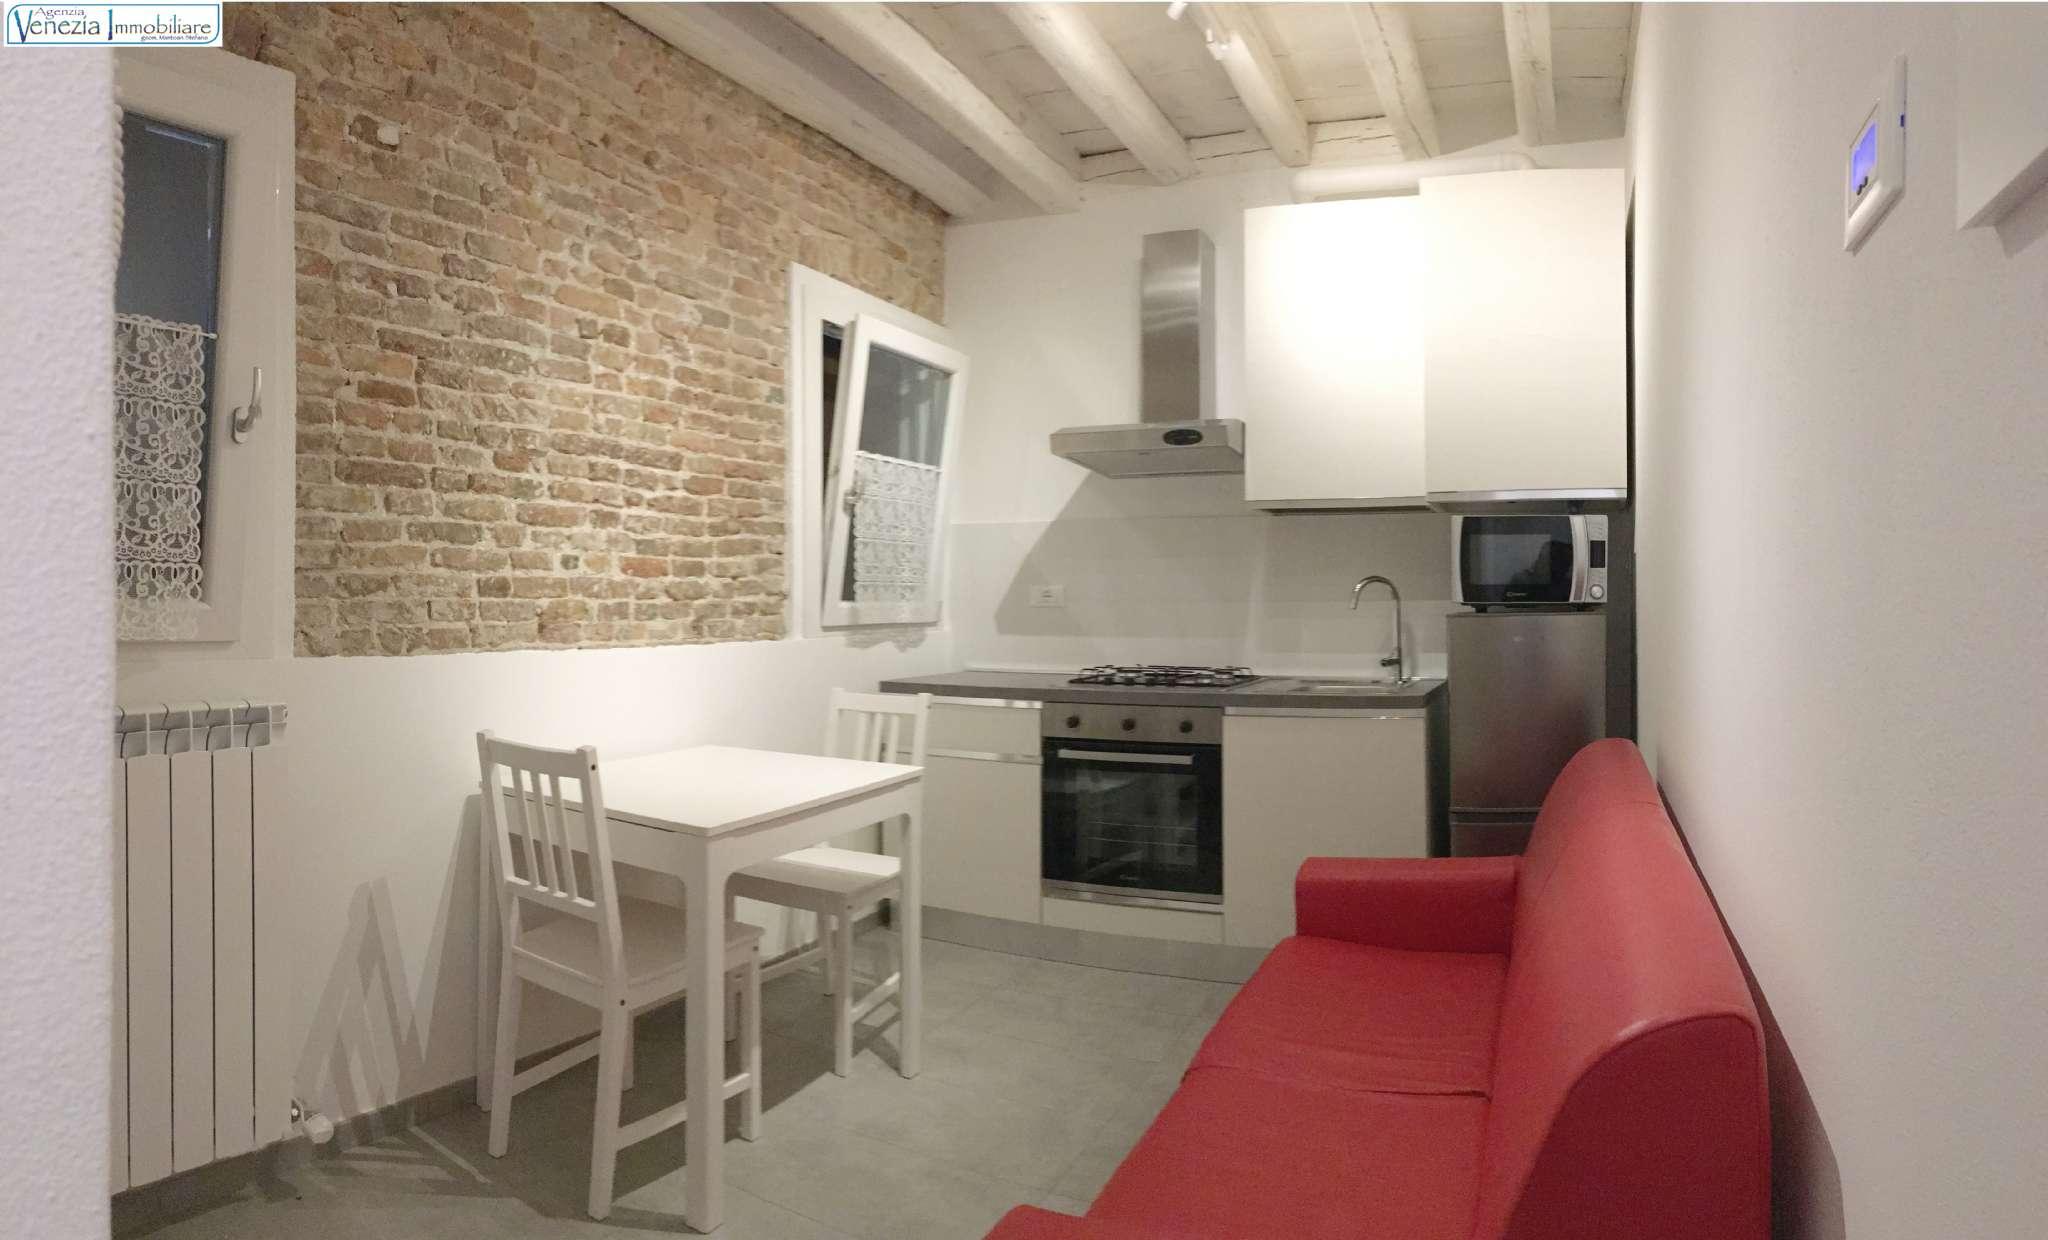 Appartamento in vendita a Chioggia, 3 locali, prezzo € 110.000   CambioCasa.it